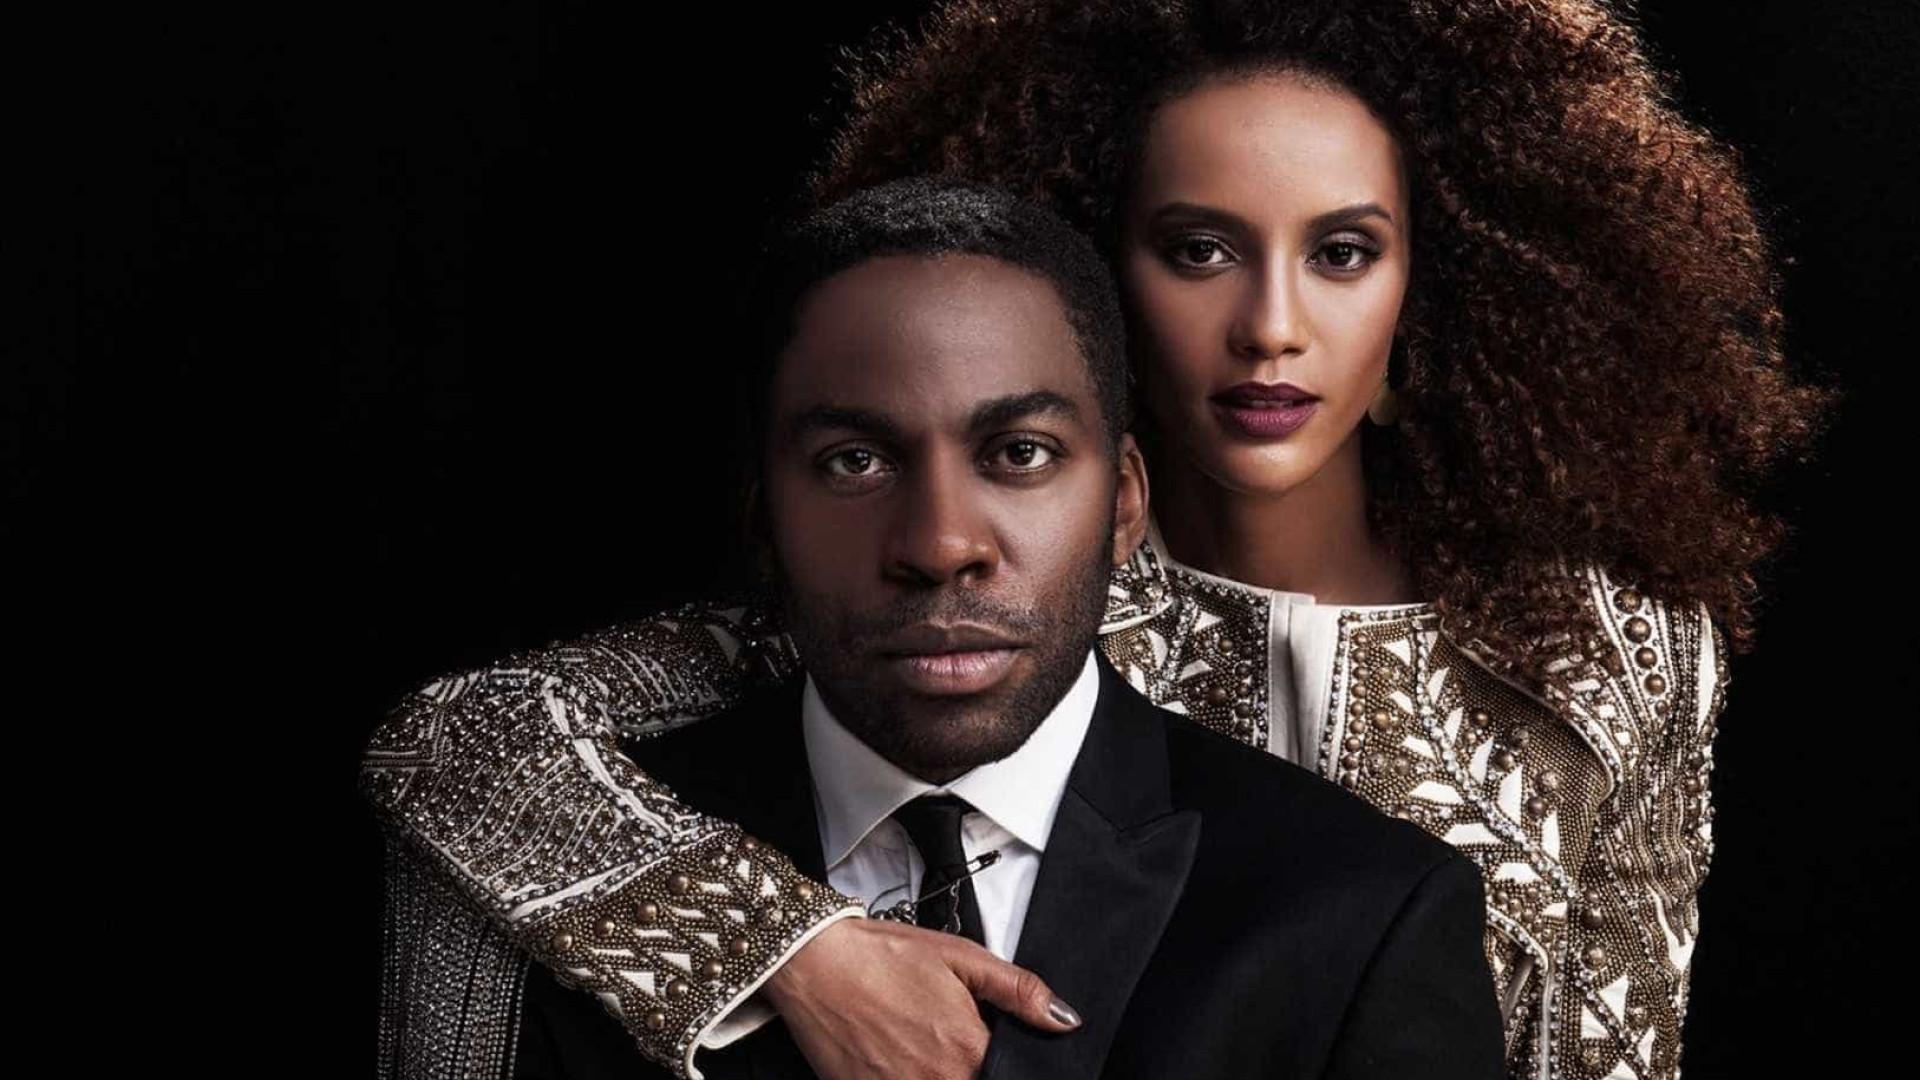 Comparada com Beyoncé, Taís Araújo  diz que ama black music